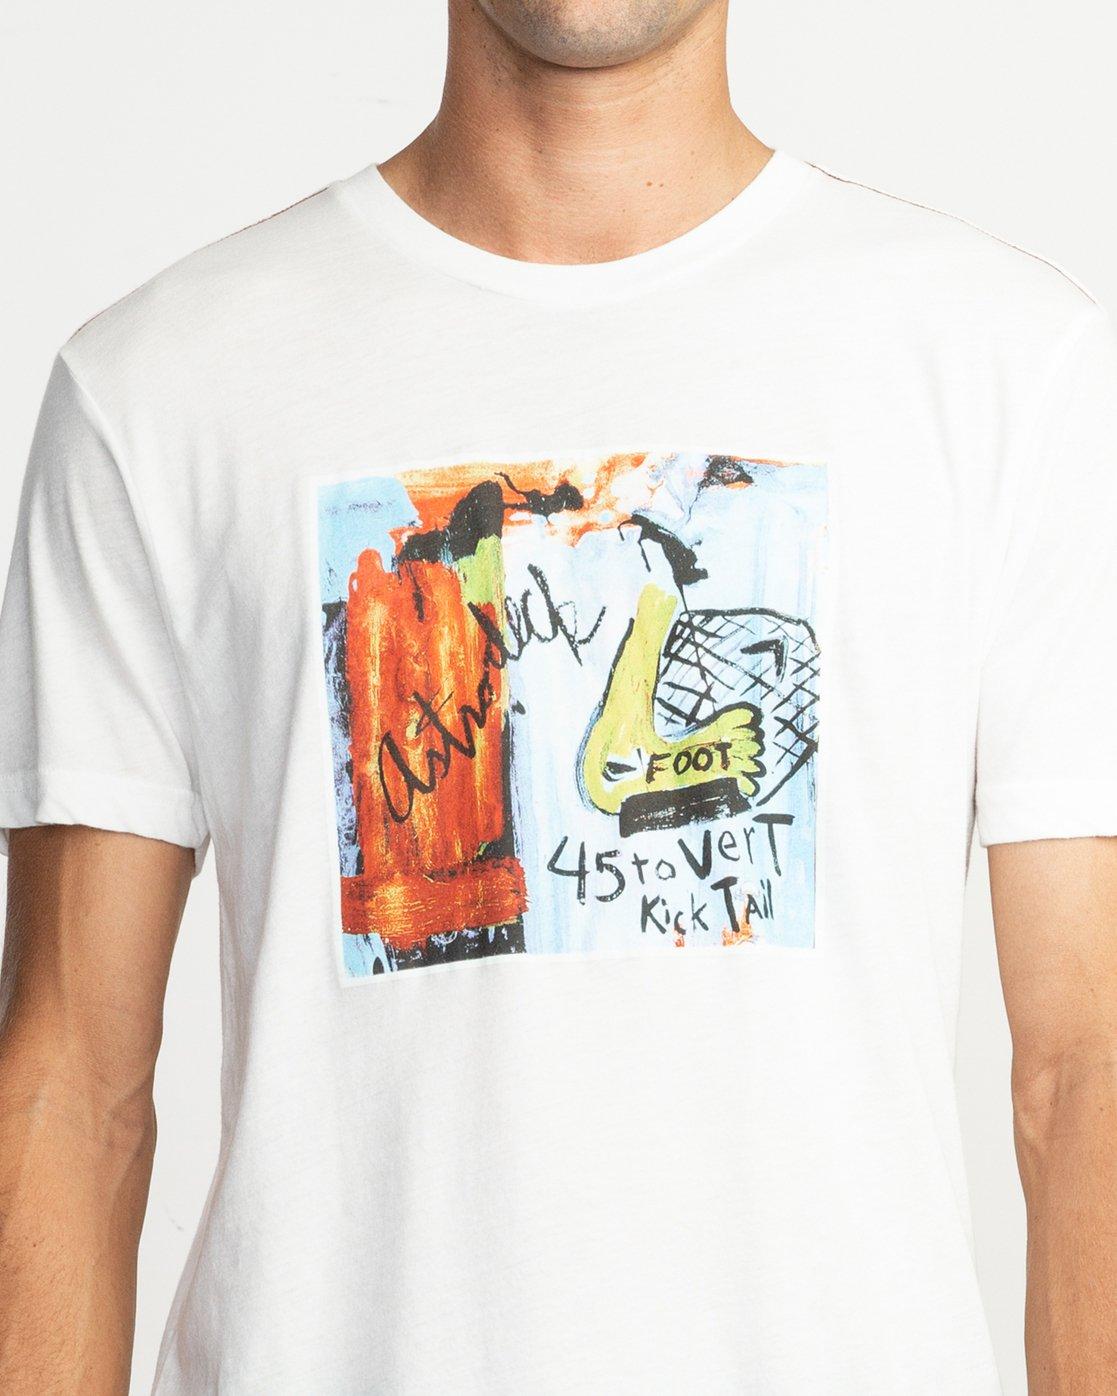 5 Kick Tail- T-Shirt à manches courtes pour Homme  N1SSRHRVP9 RVCA